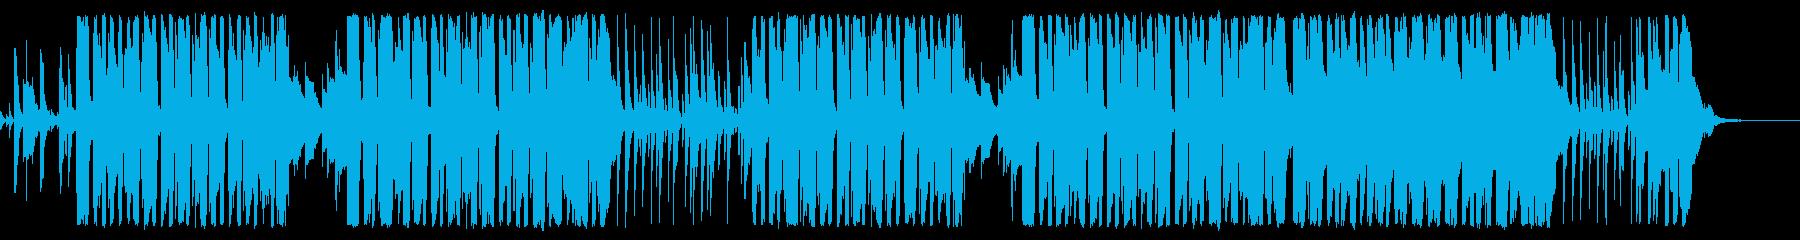 ピエロのパントマイム コミカルポップの再生済みの波形